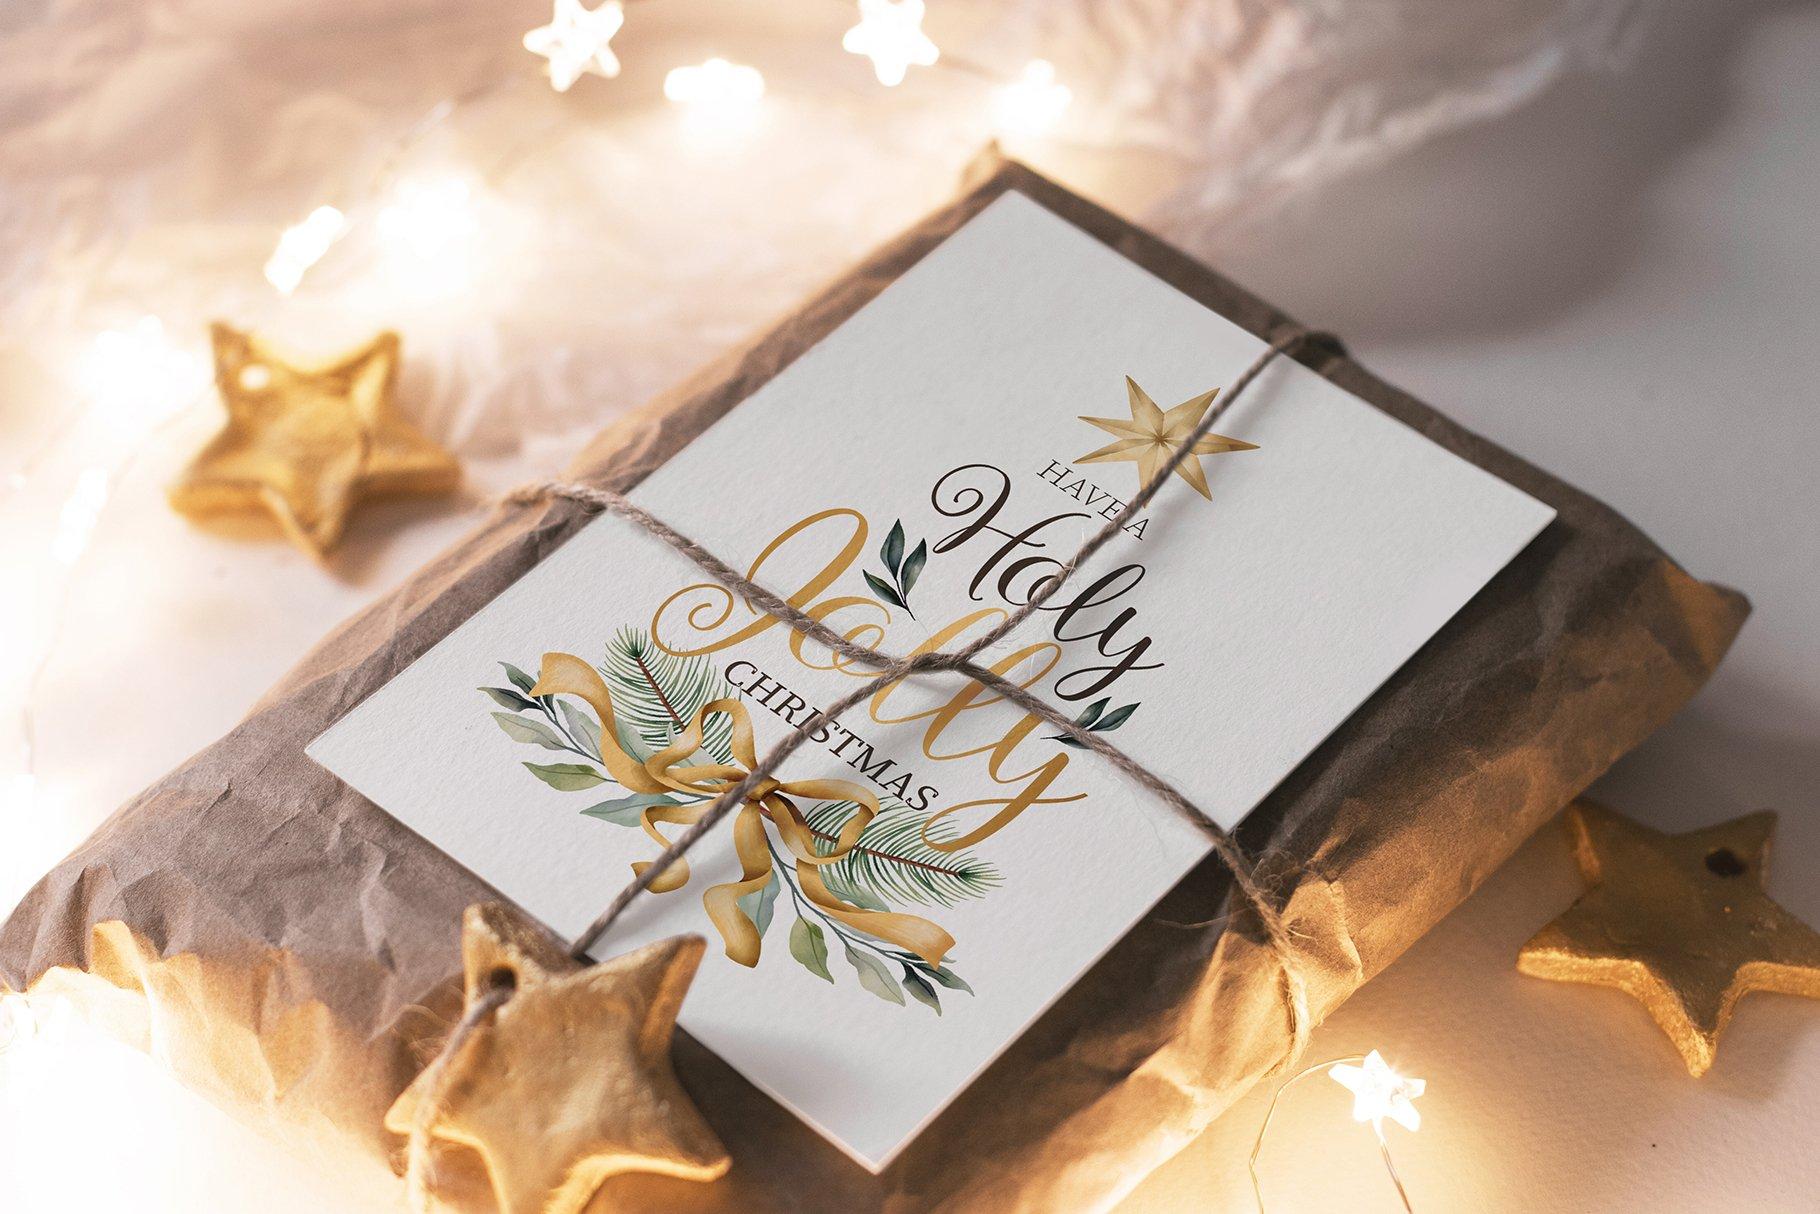 31款圣诞节主题礼品卡标签办公用品样机合集 Christmas Stationery Mockup Set插图4